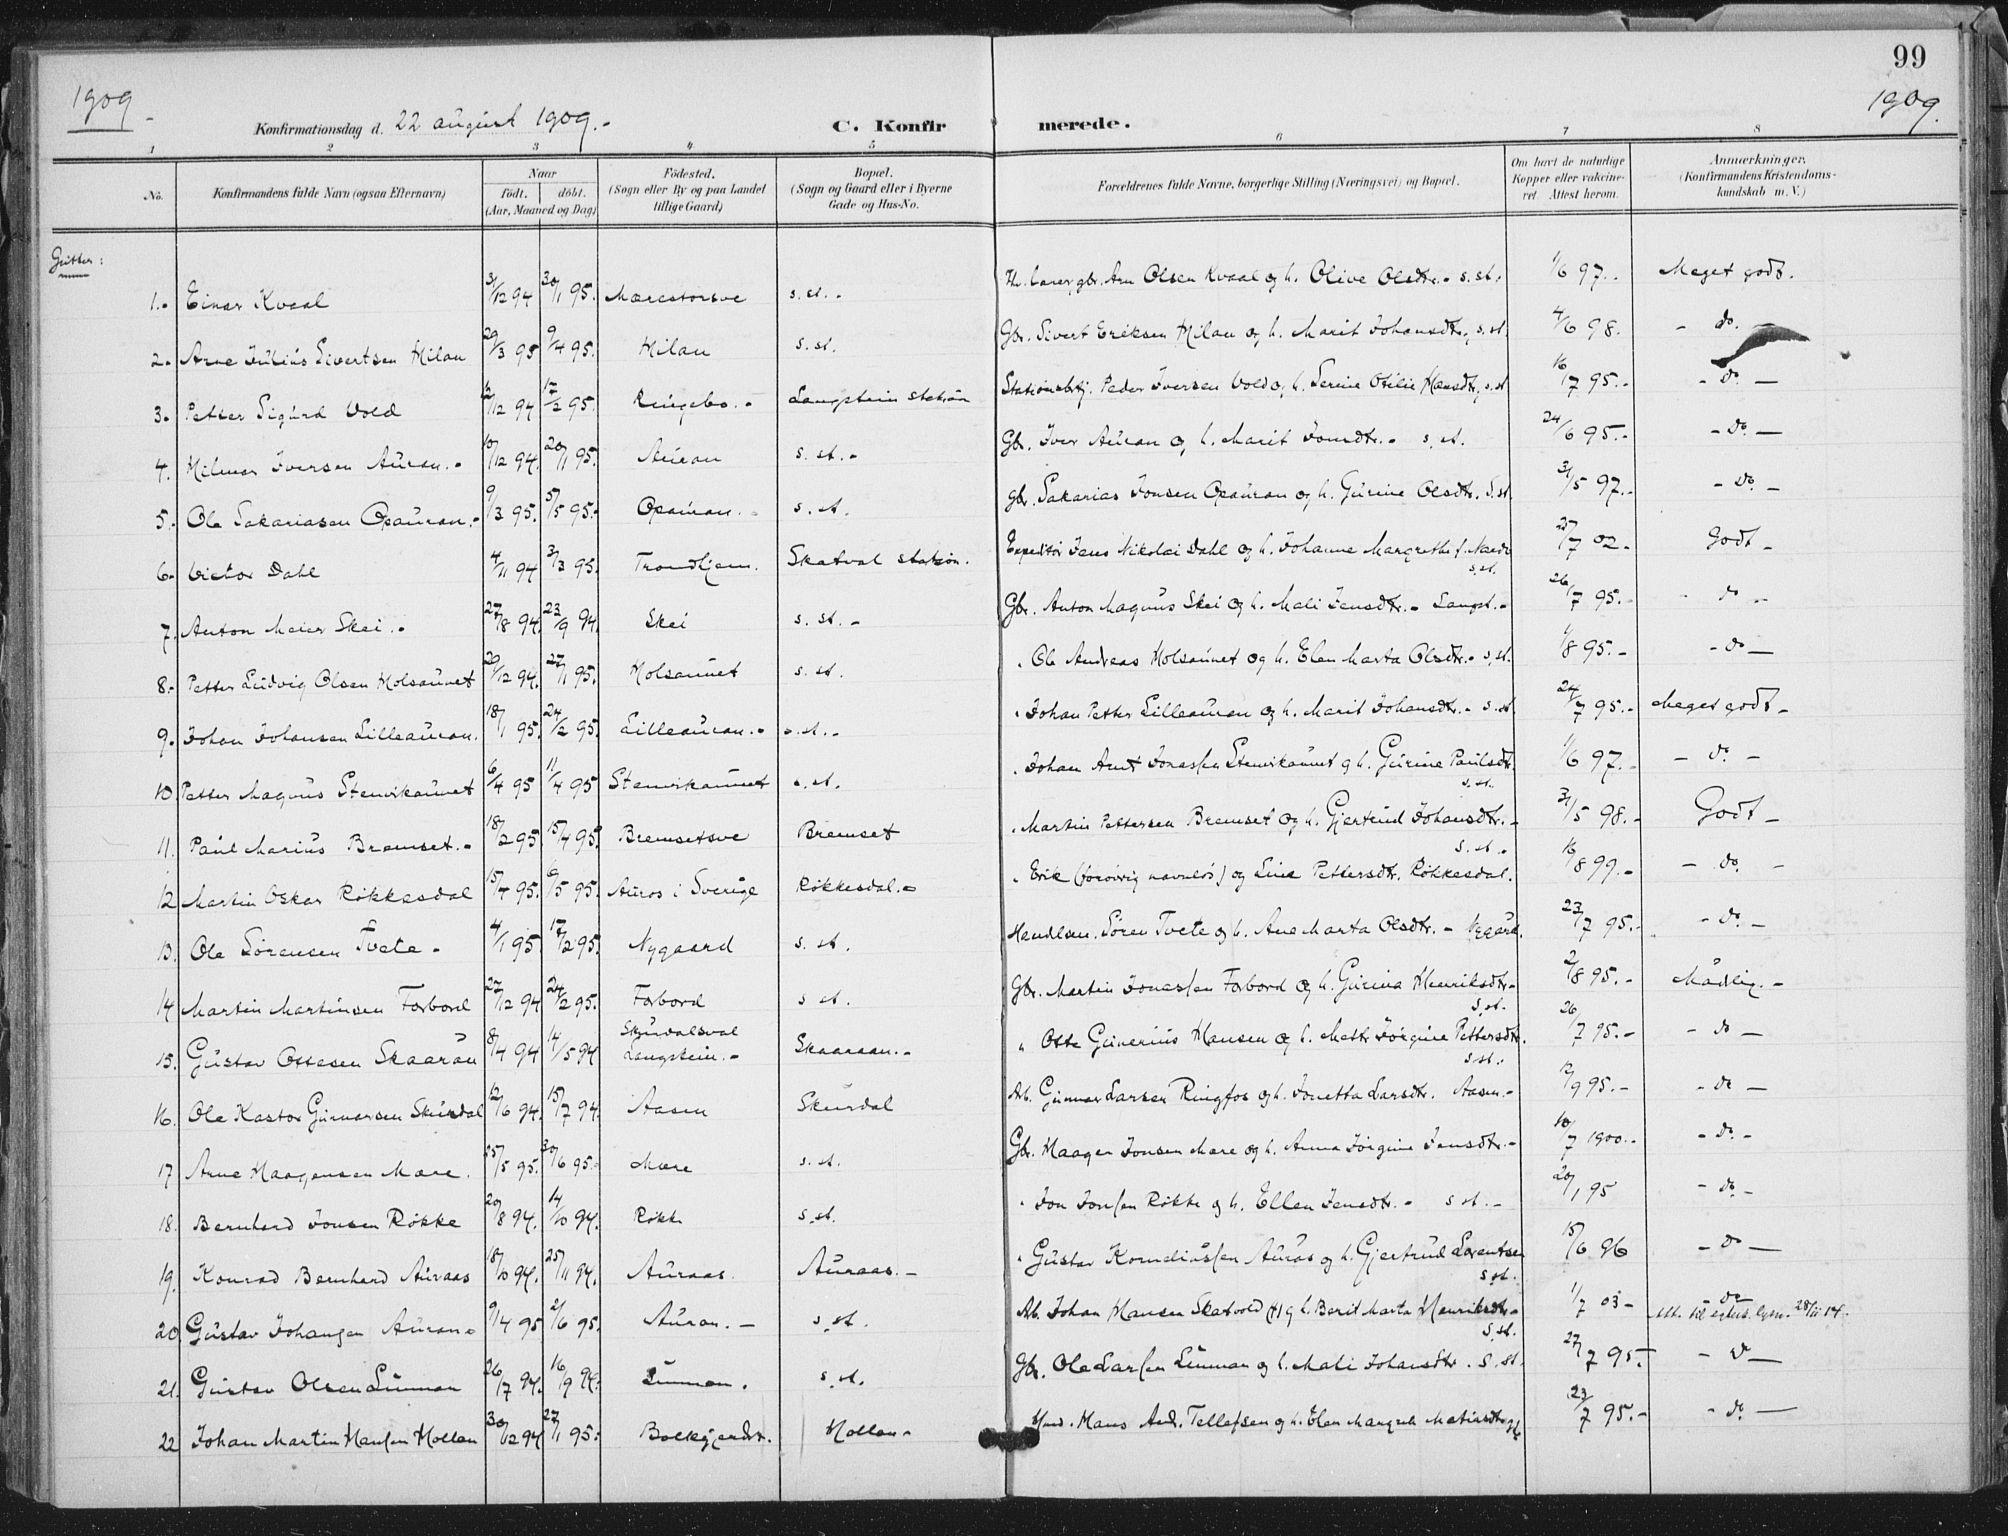 SAT, Ministerialprotokoller, klokkerbøker og fødselsregistre - Nord-Trøndelag, 712/L0101: Ministerialbok nr. 712A02, 1901-1916, s. 99